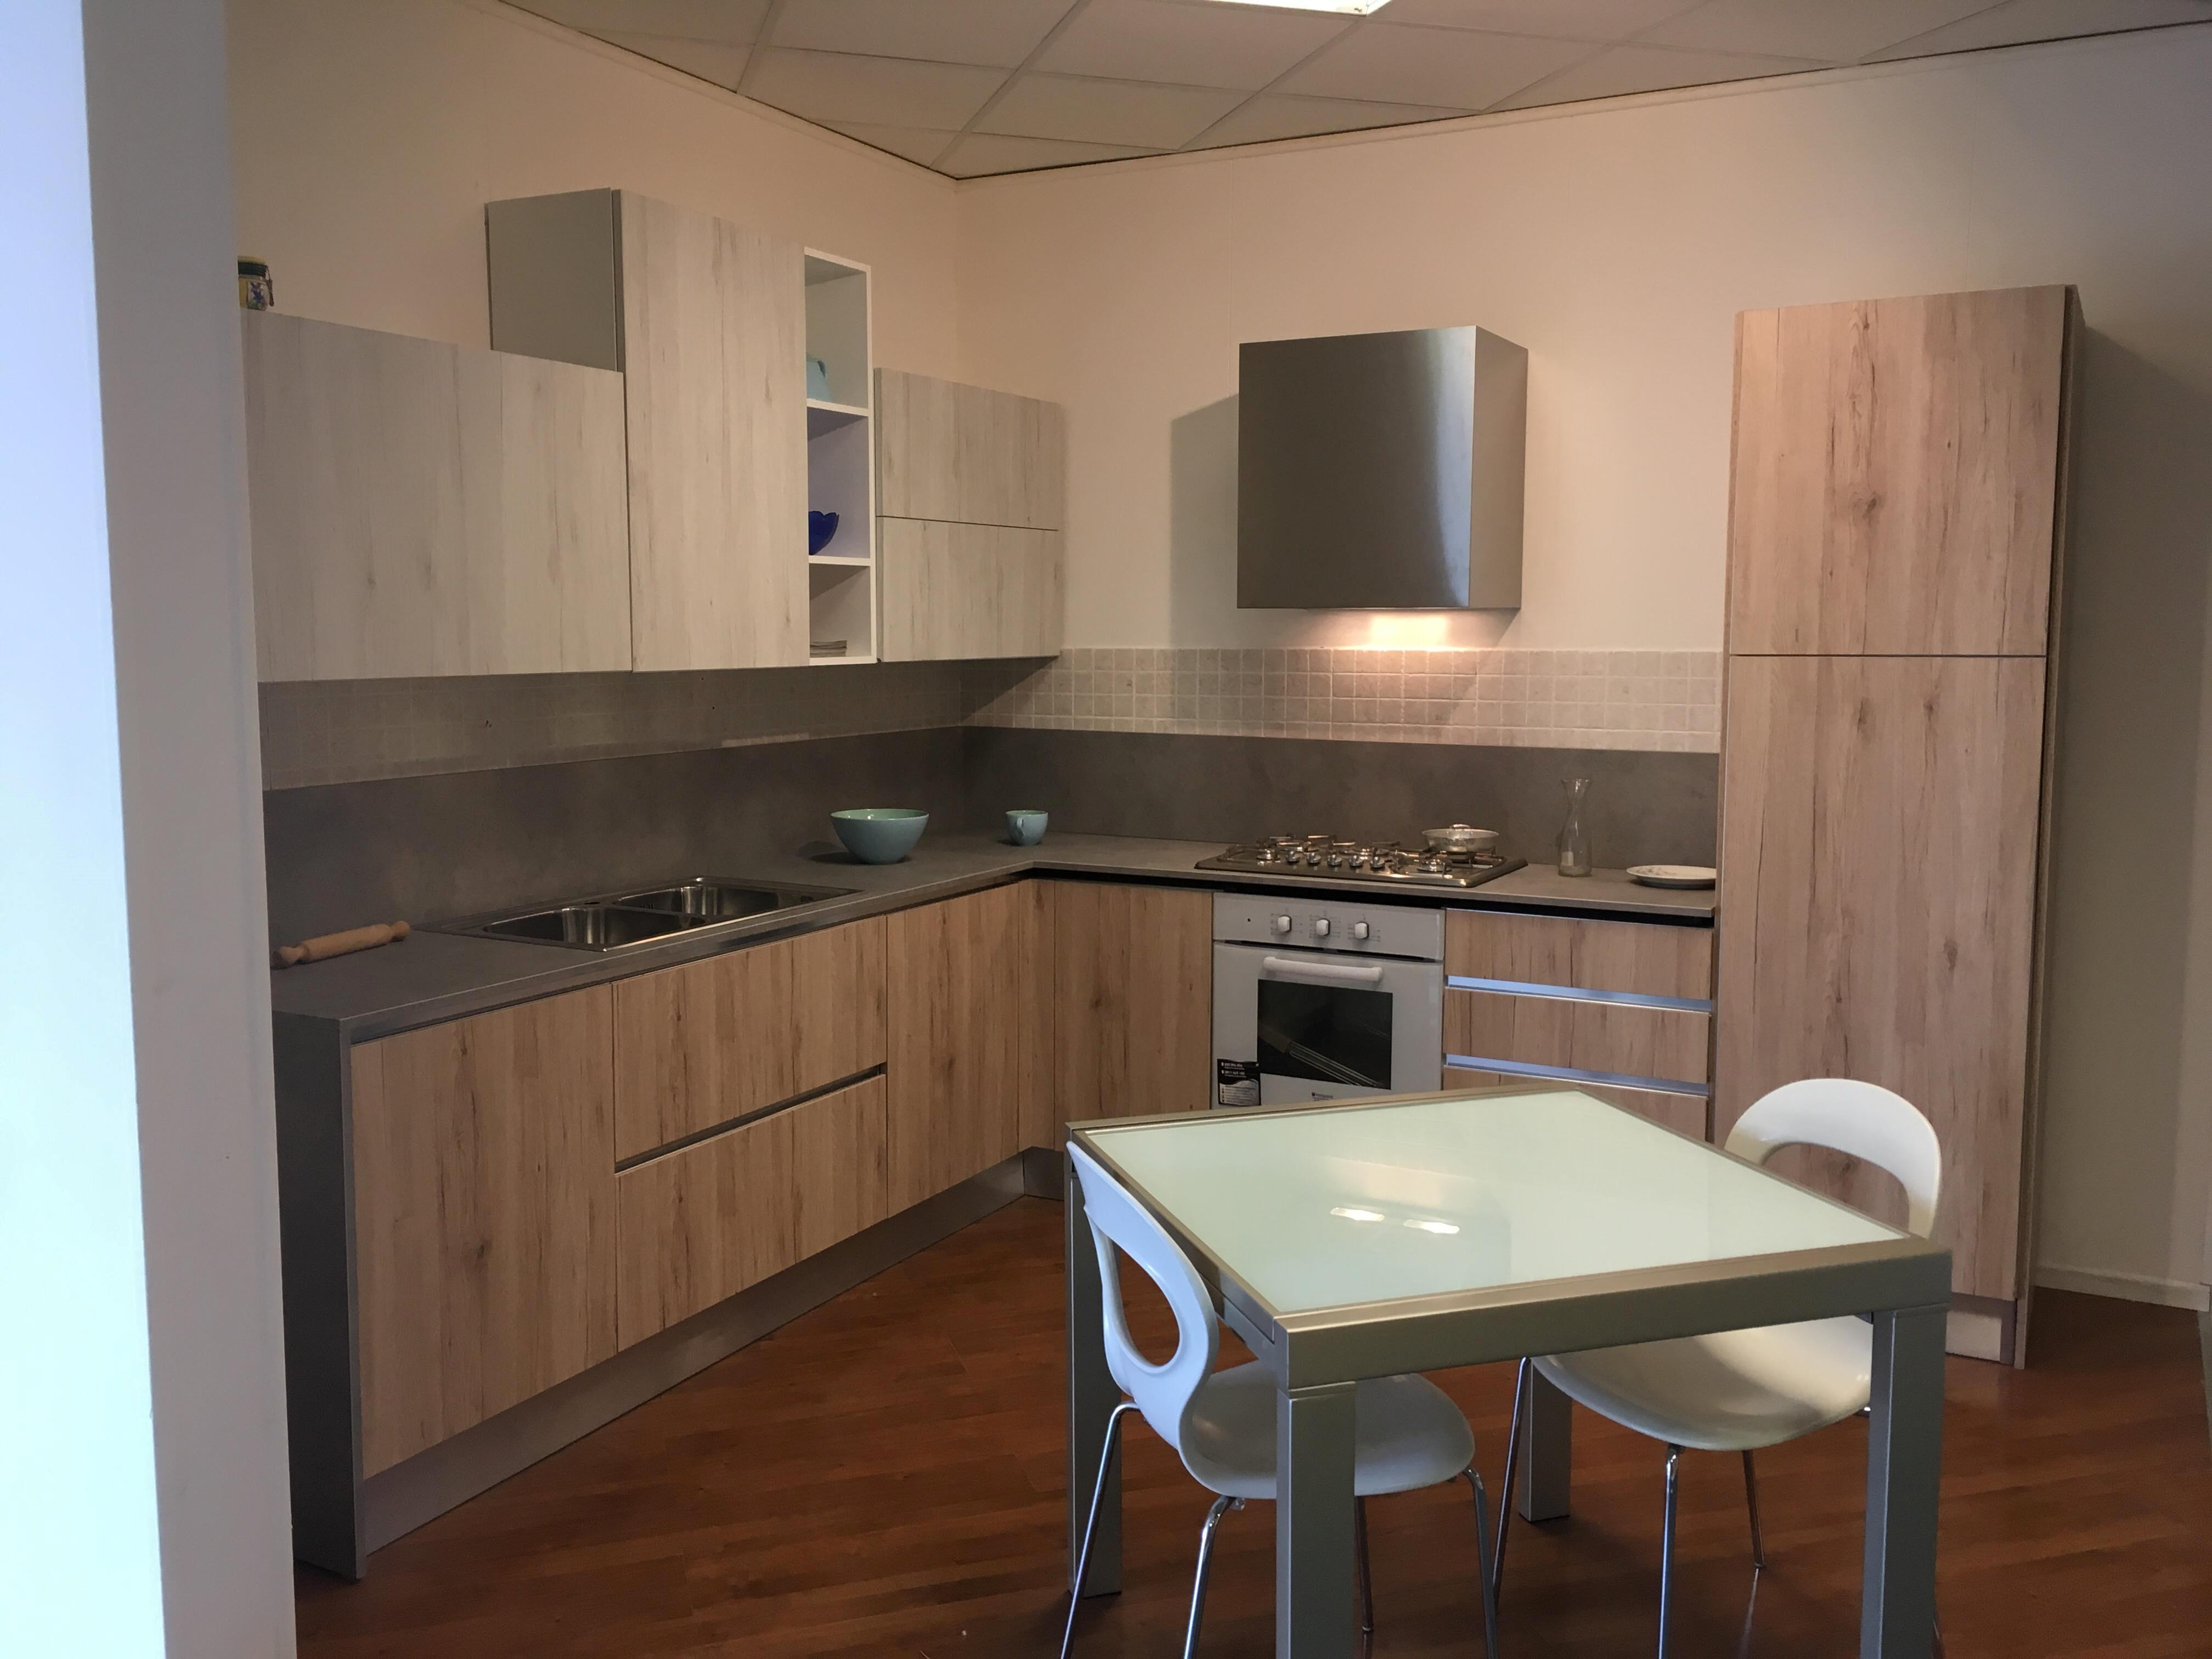 Cucina astra cucine sp22 in offerta cucine a prezzi scontati - Astra cucine prezzi ...